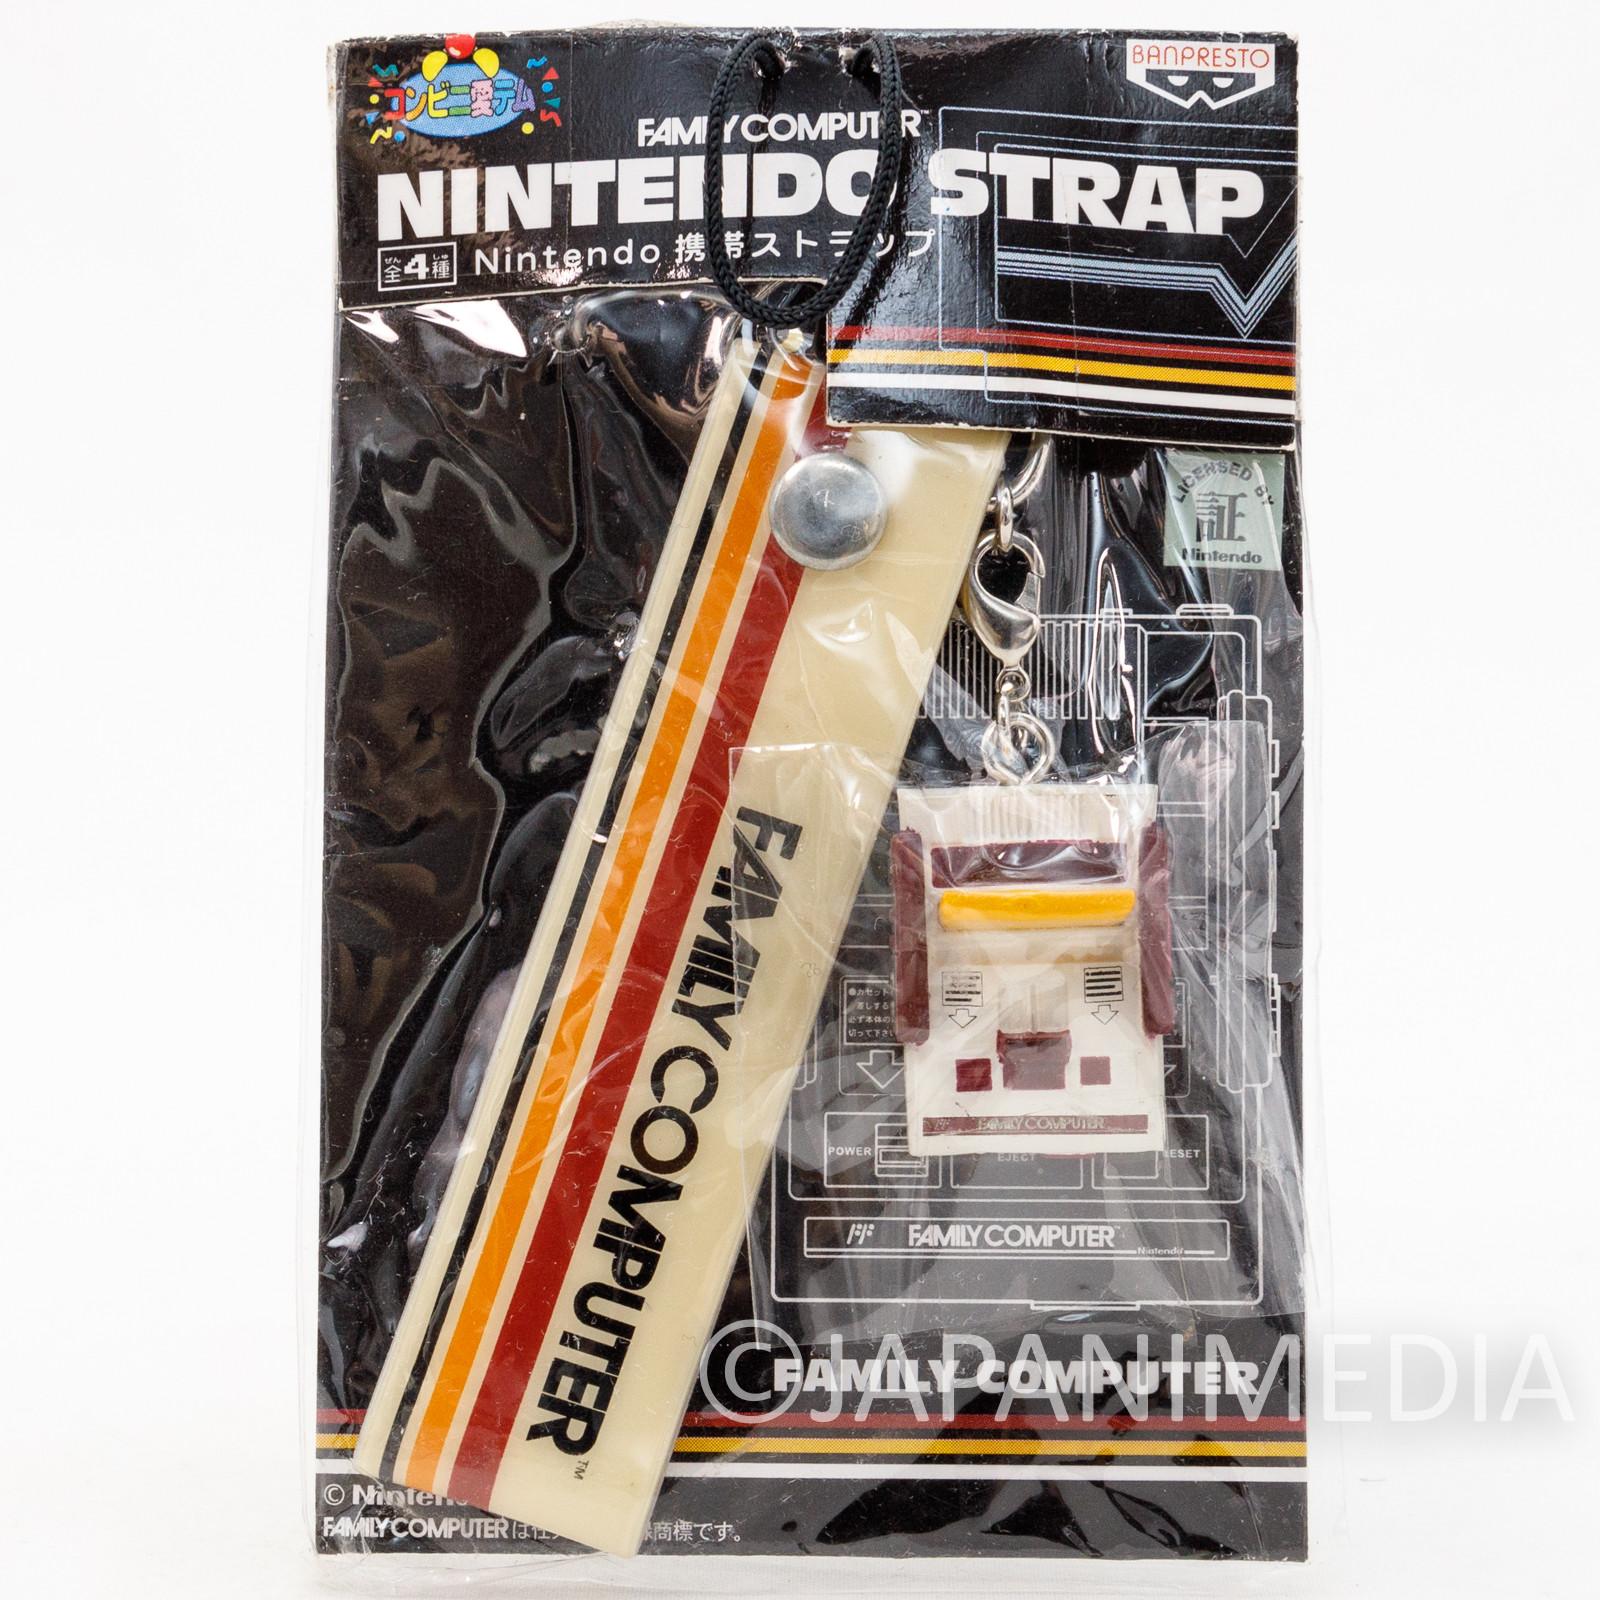 Nintendo Famicom Miniature Figure Strap Family Computer Ver. JAPAN GAME NES